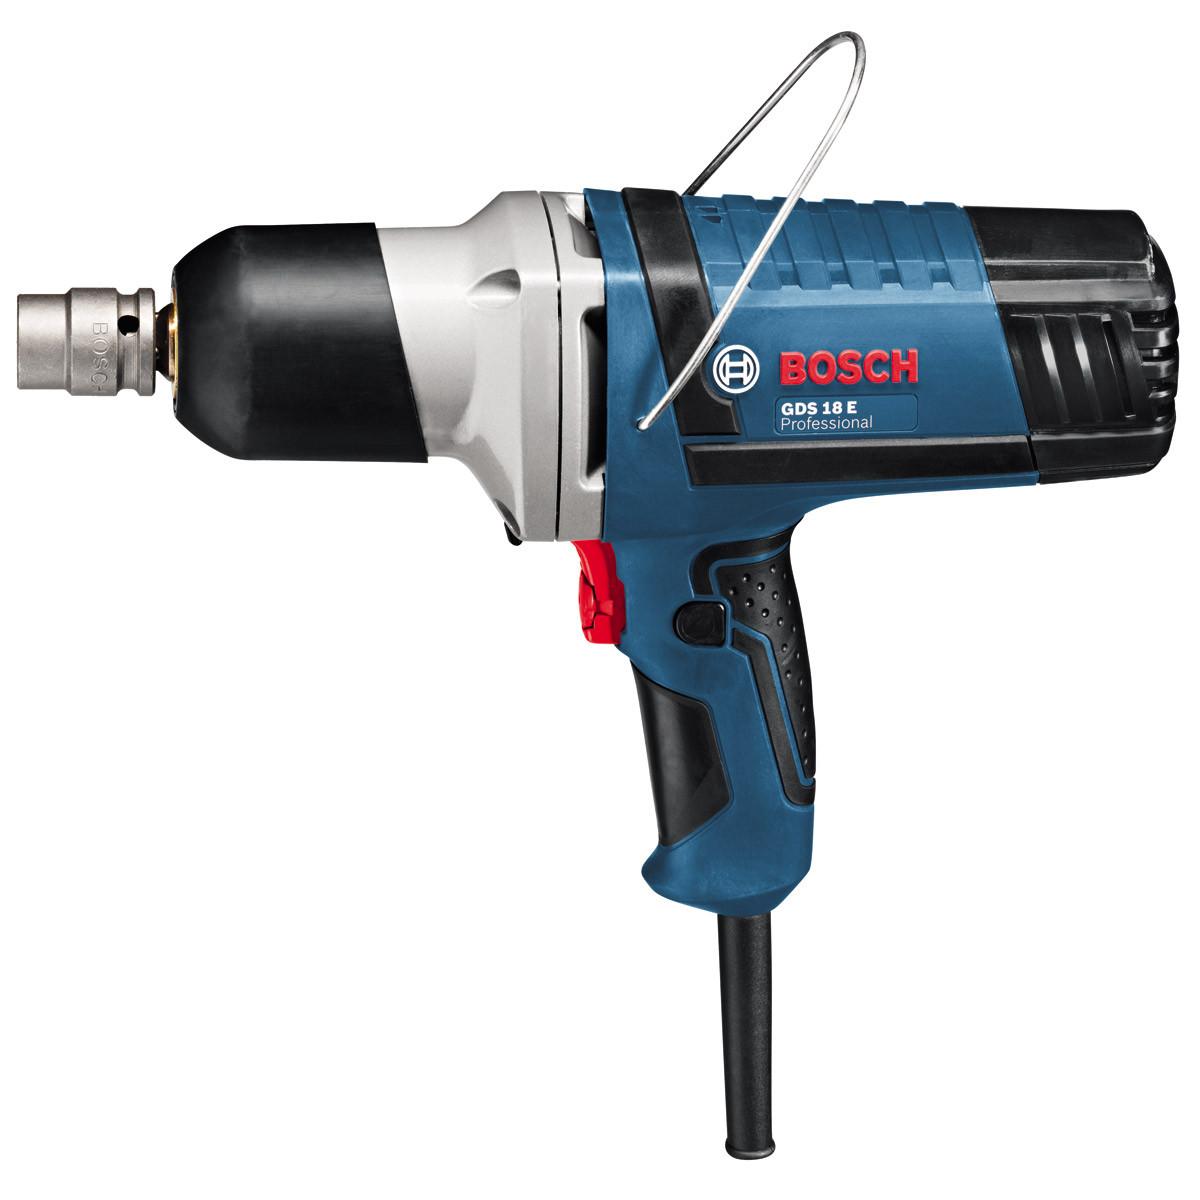 Ударный гайковерт, электрический, Bosch GDS 18 E, Professional, 0601444000